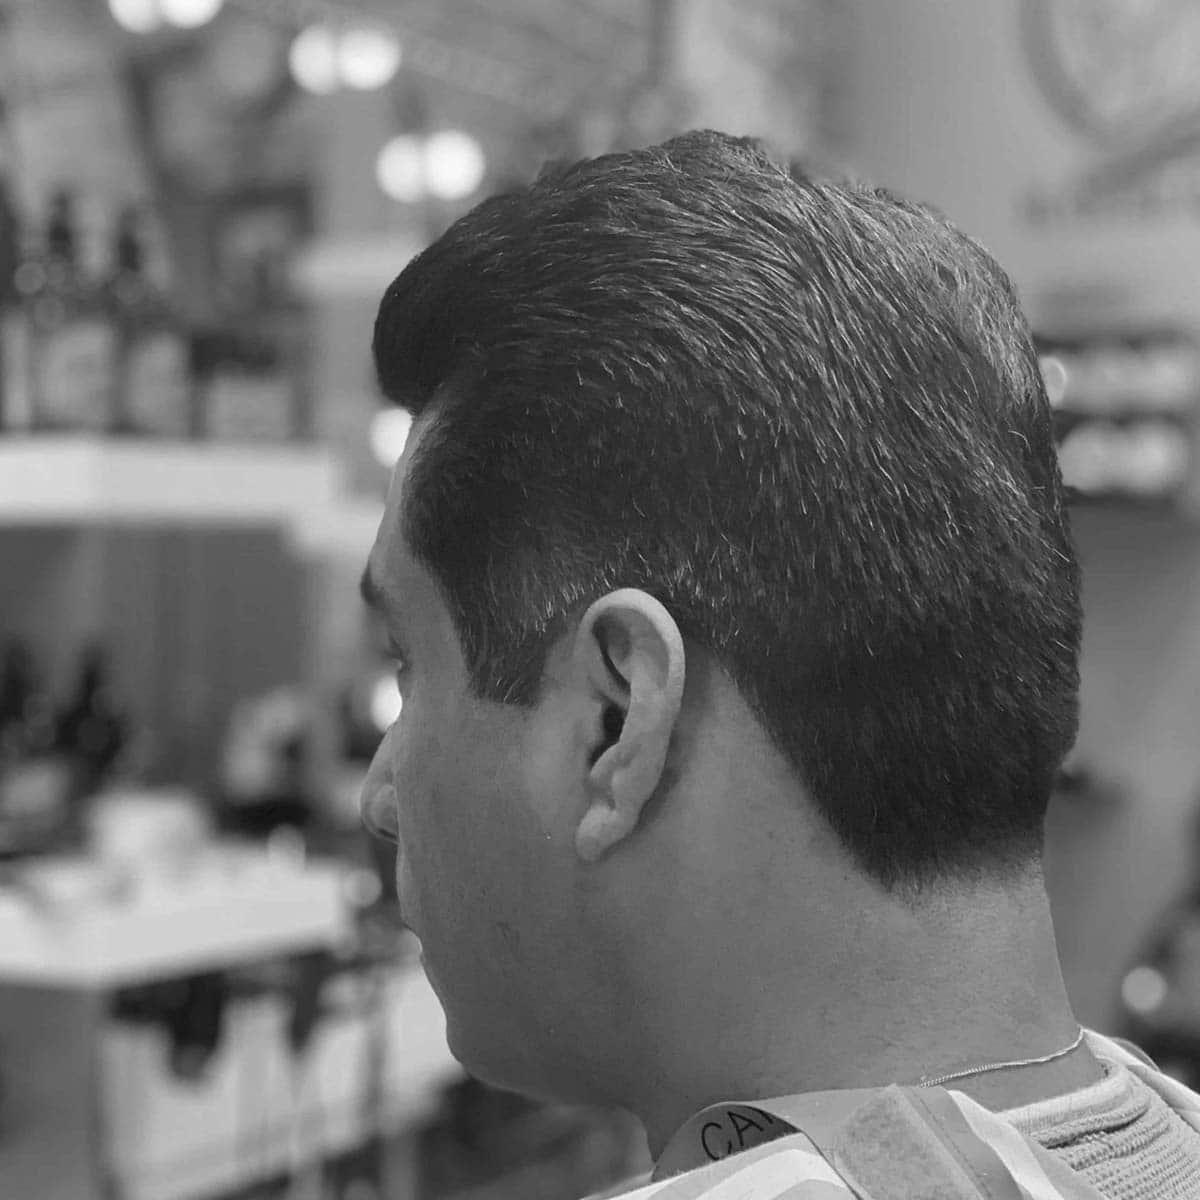 Corte con tijera y peinado para hombres en la barbería YB New Style Barber Shop Madrid